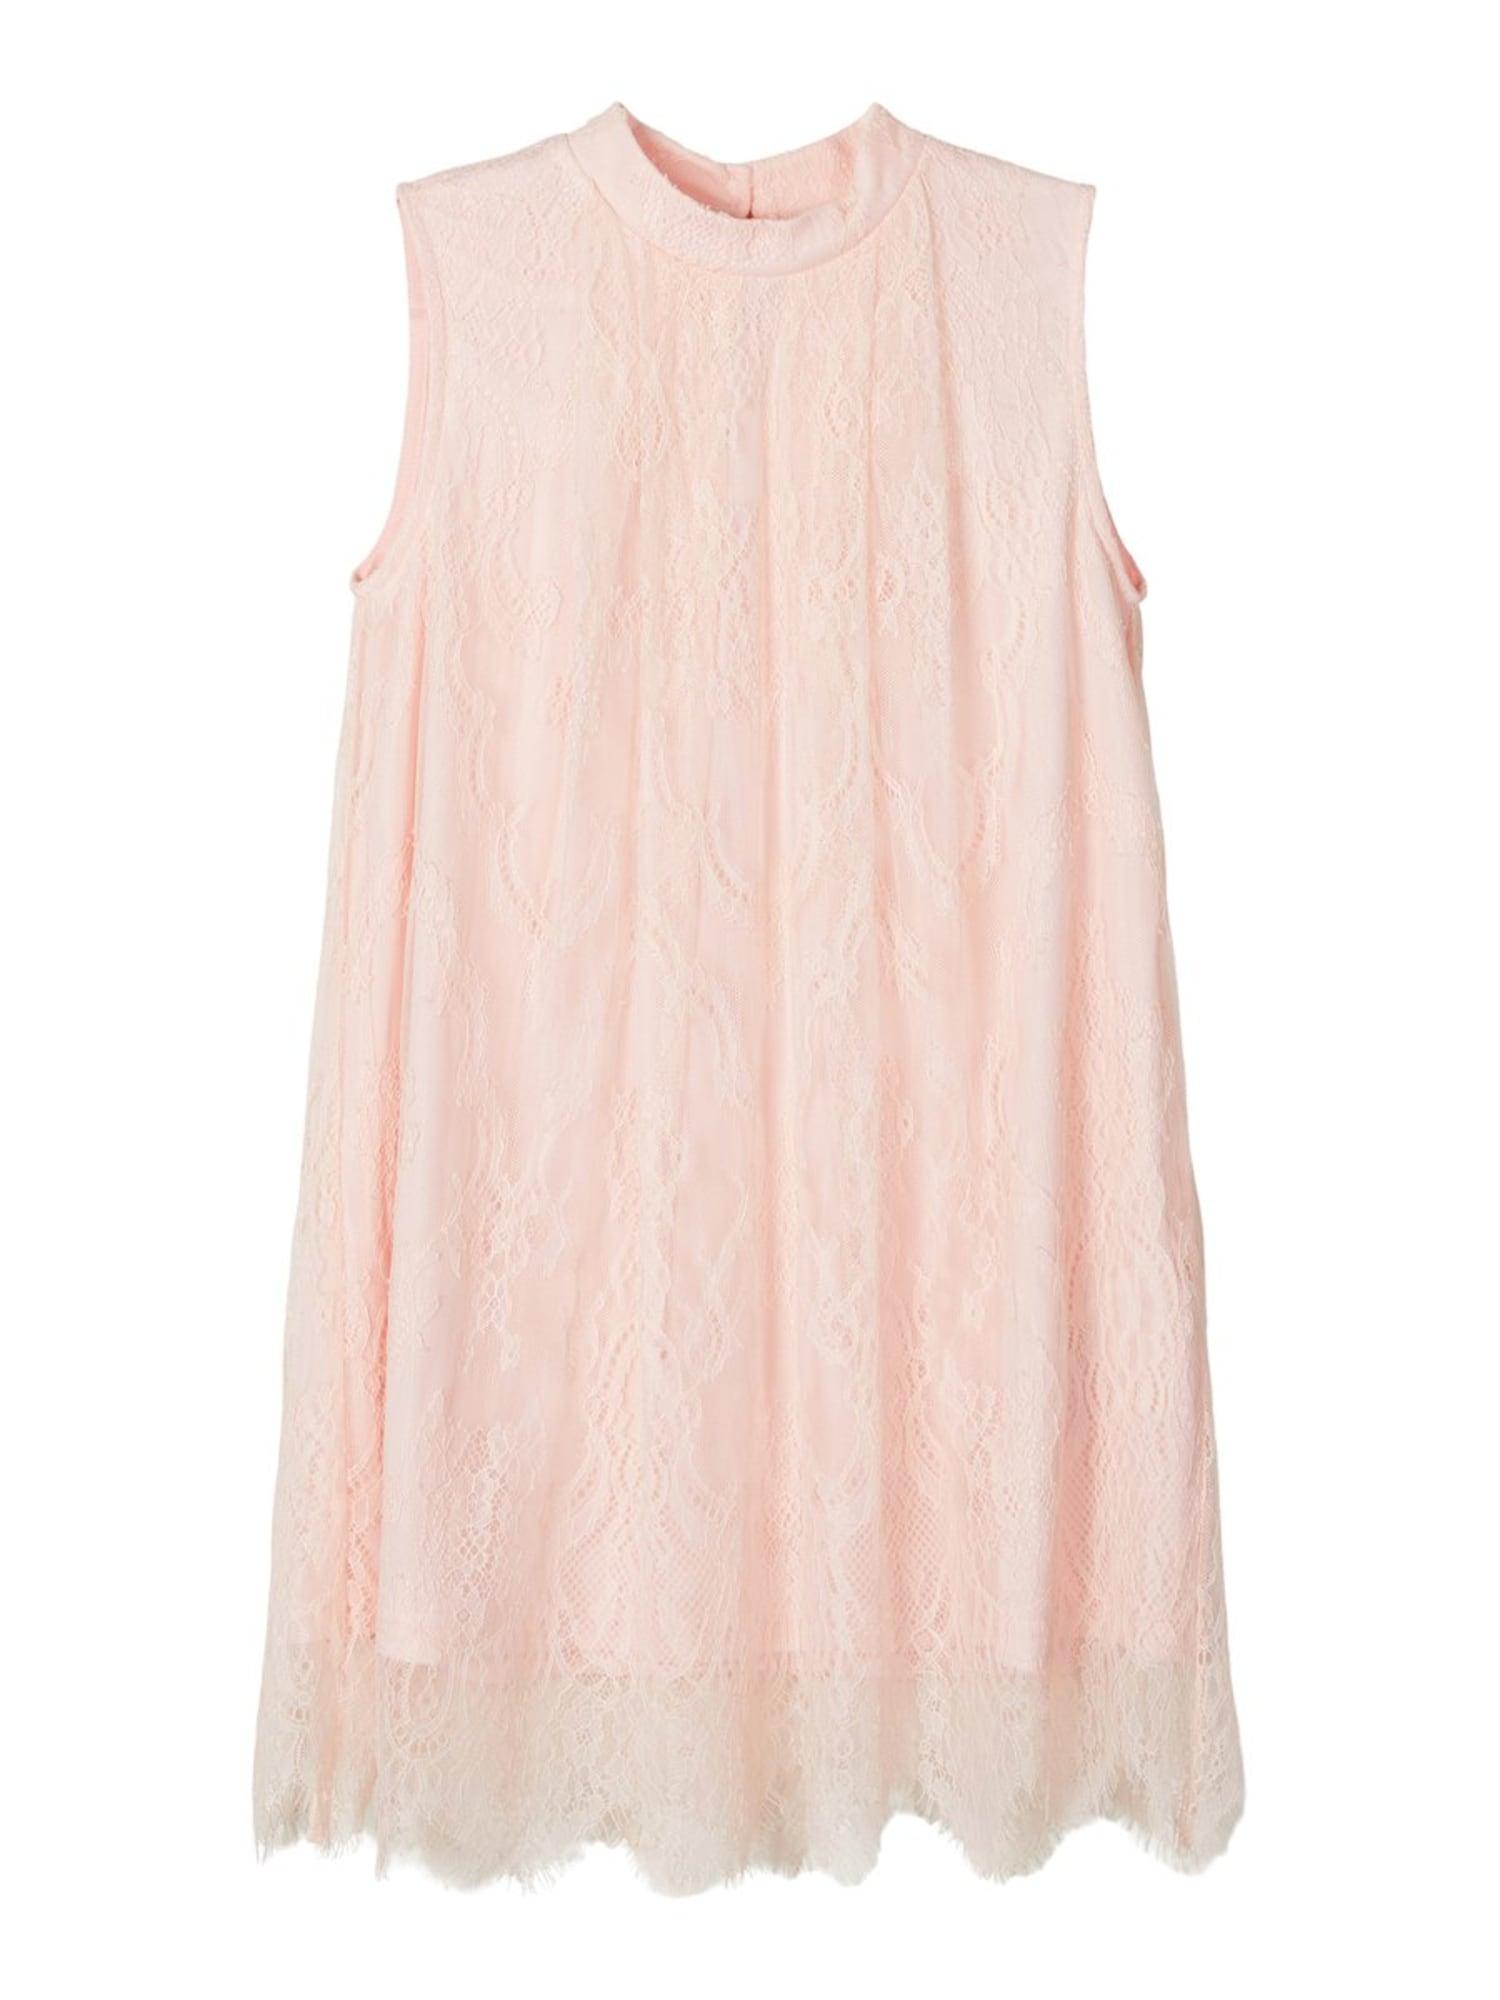 NAME IT Suknelė pastelinė rožinė